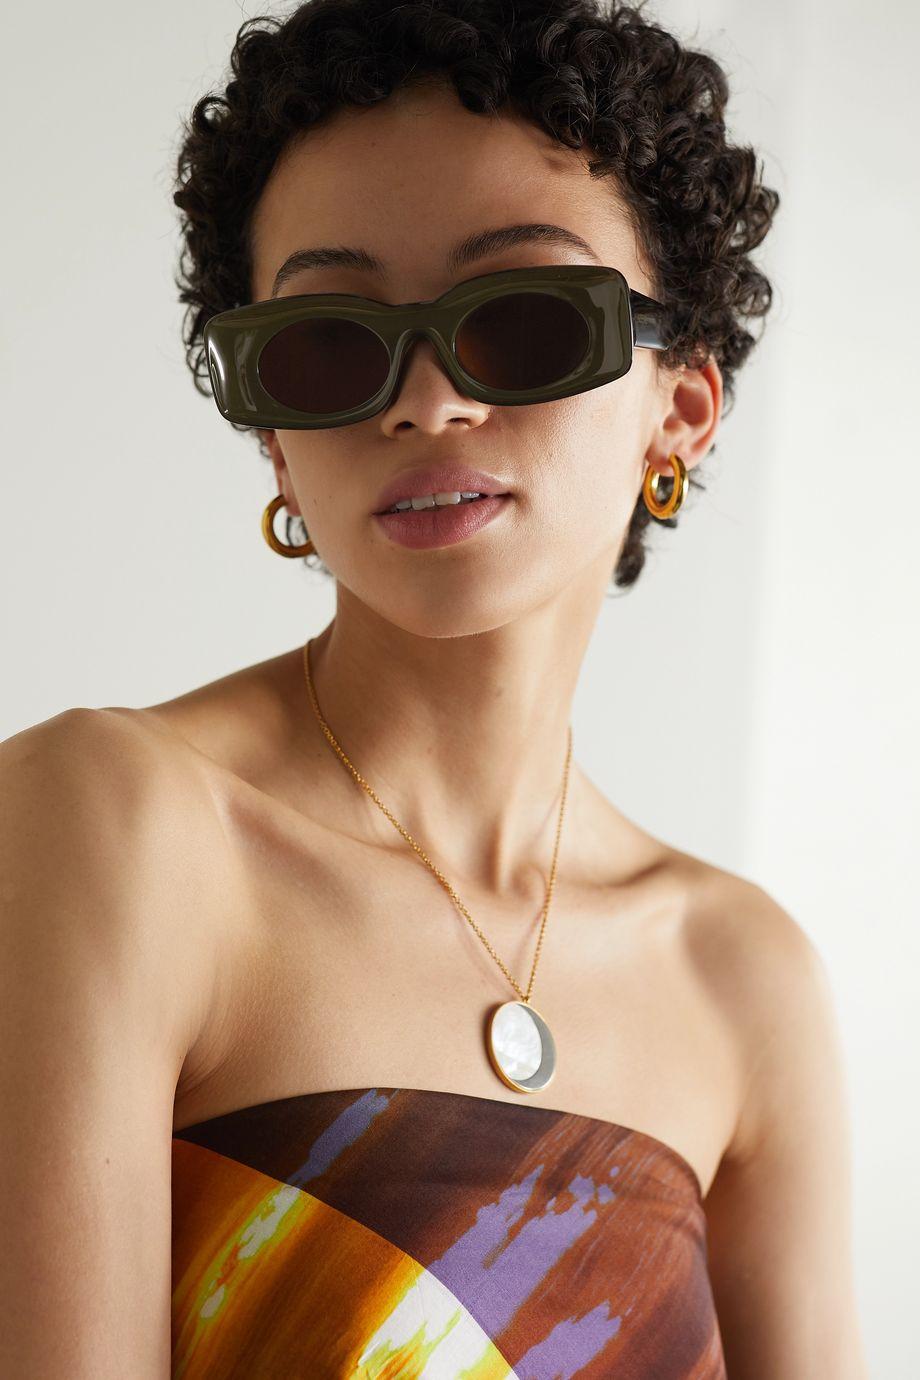 Loewe Lunettes de soleil rondes en acétate x Paula's Ibiza